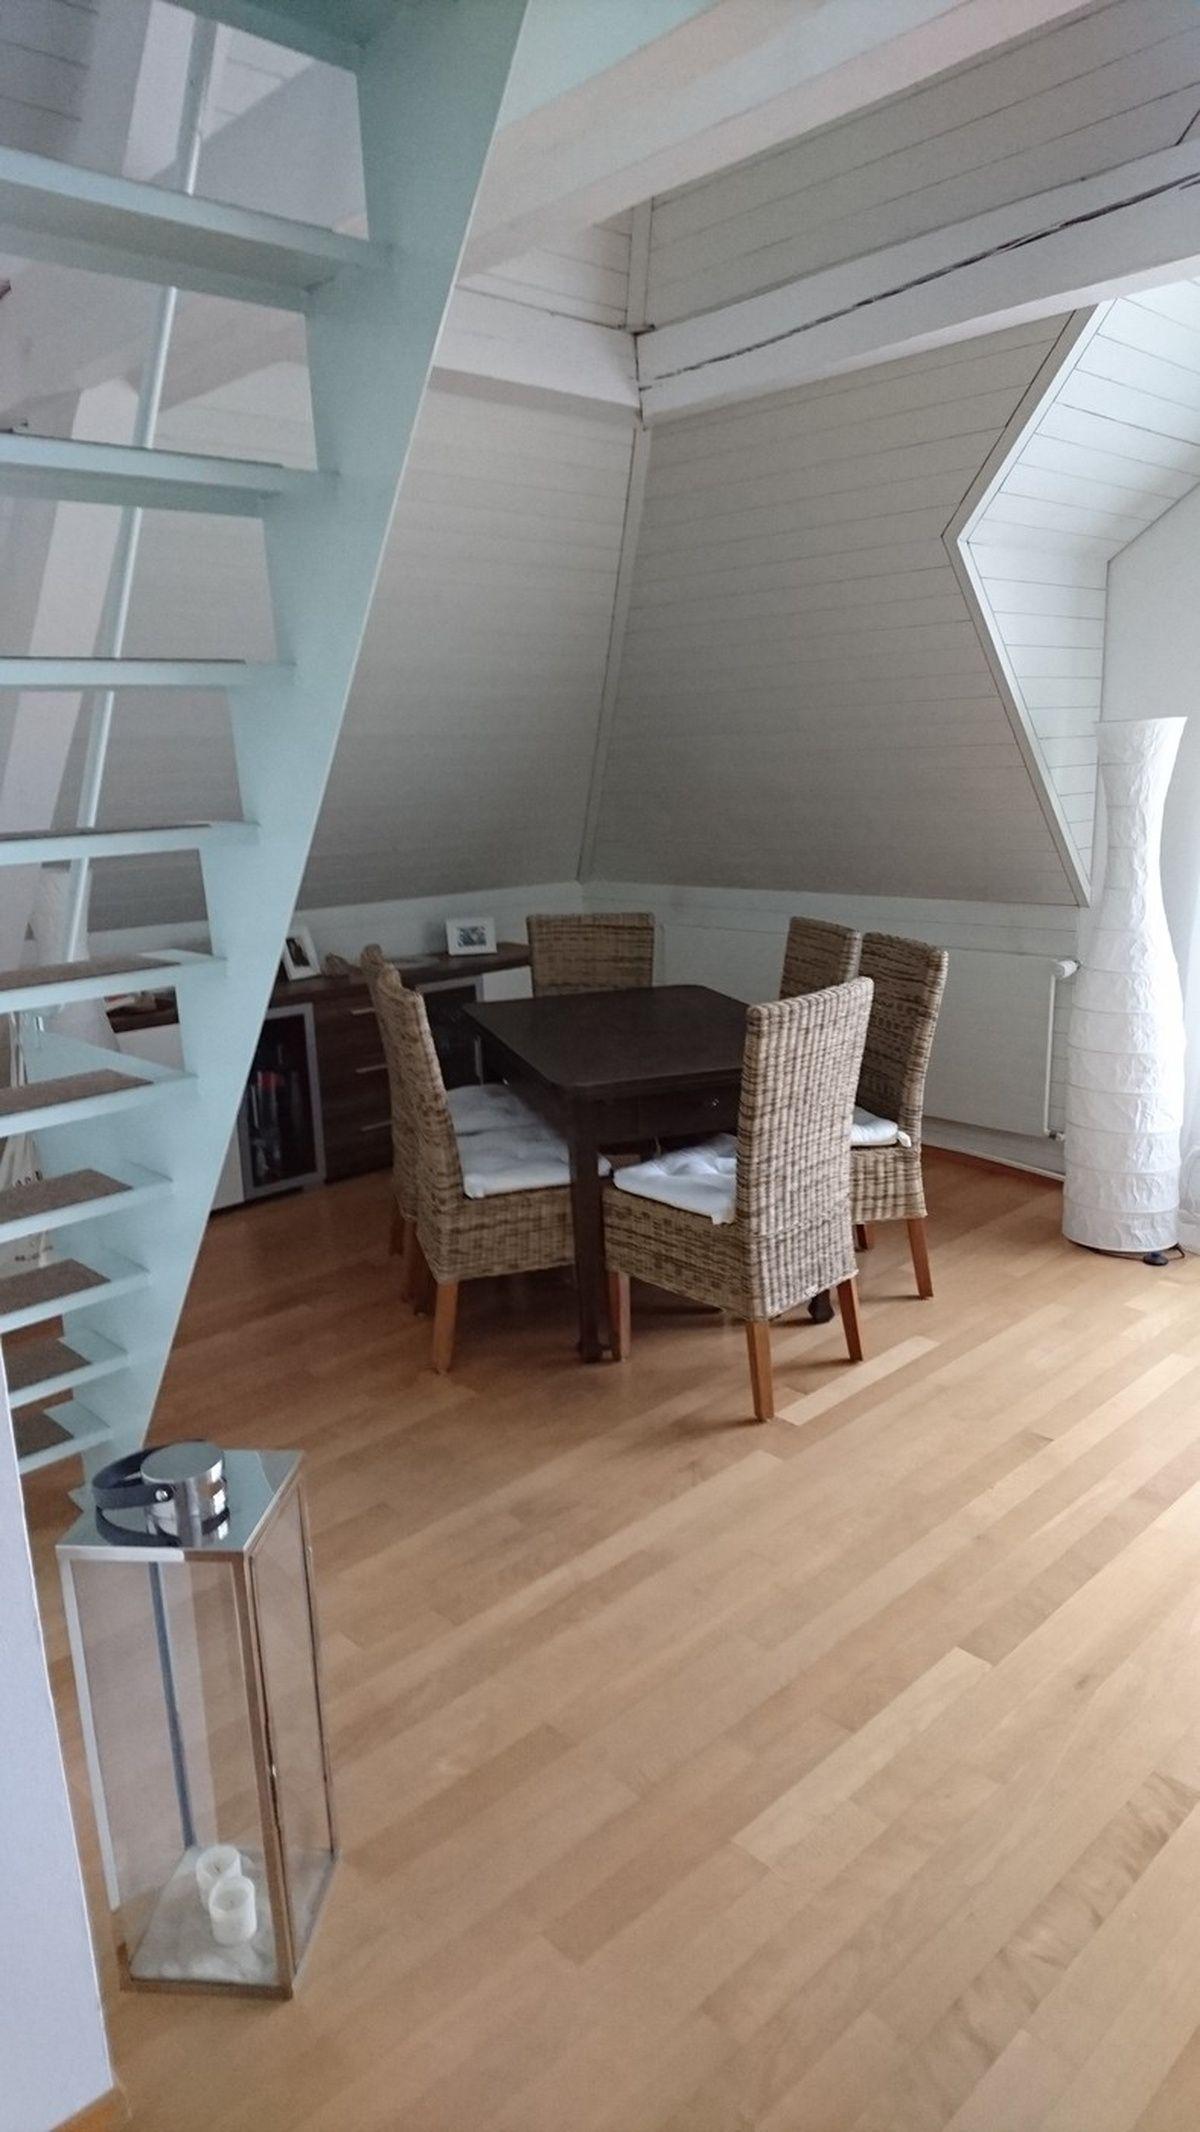 4 0 Rooms 6022 Grosswangen Flatfox Wohnung Wohnung Mieten